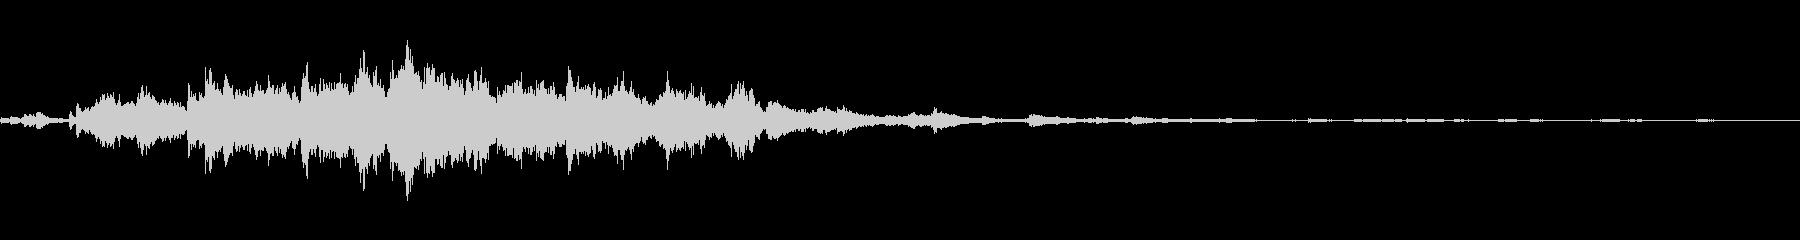 ウィンドチャイム。の未再生の波形